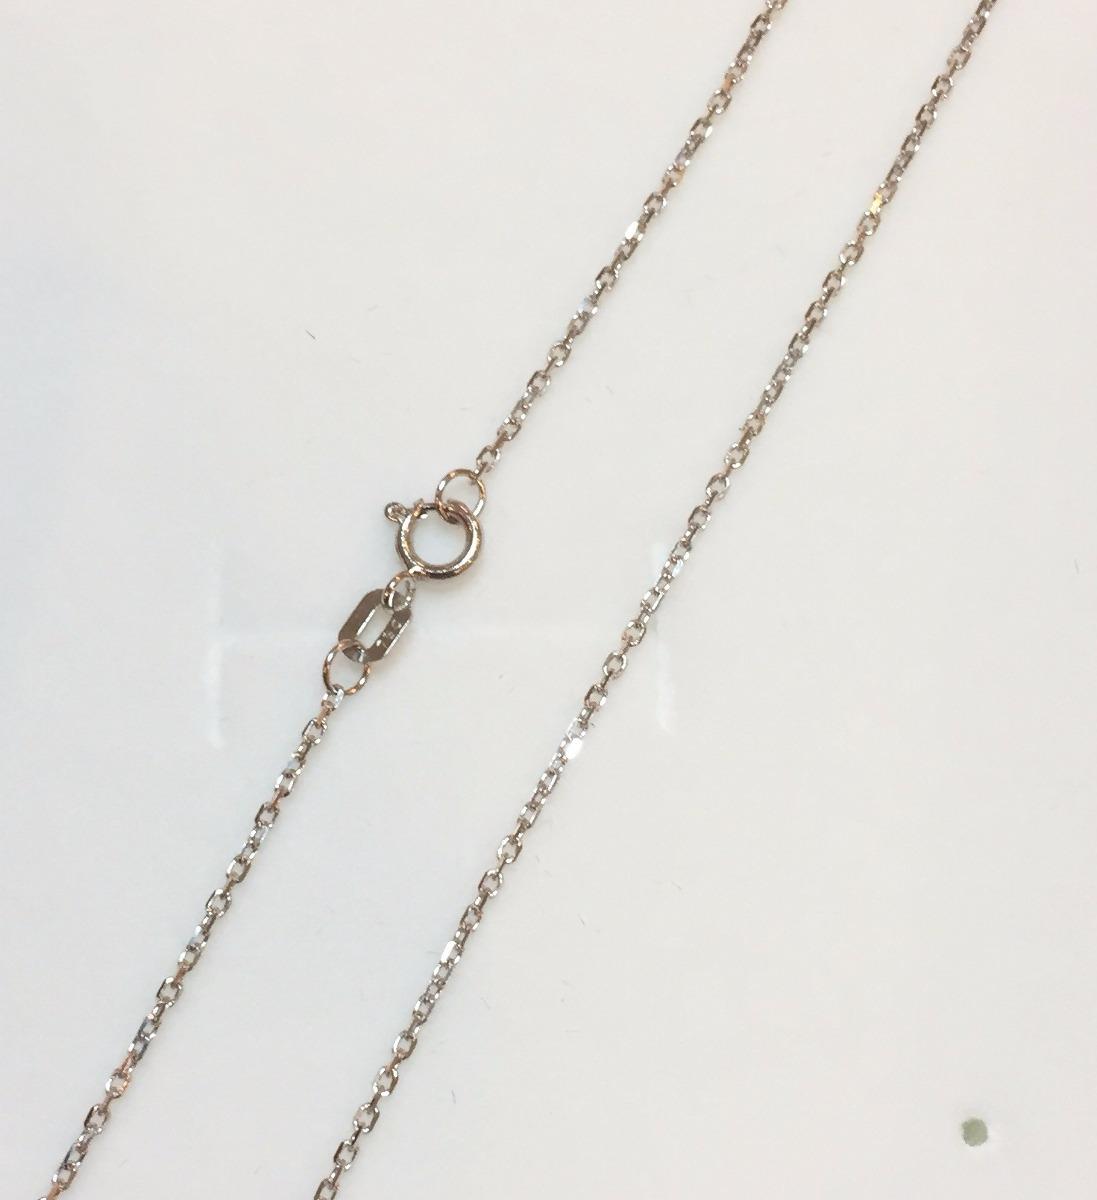 3dc5f340770 corrente cordão de ouro branco 18k 60cm 1mm 2 gramas. Carregando zoom.